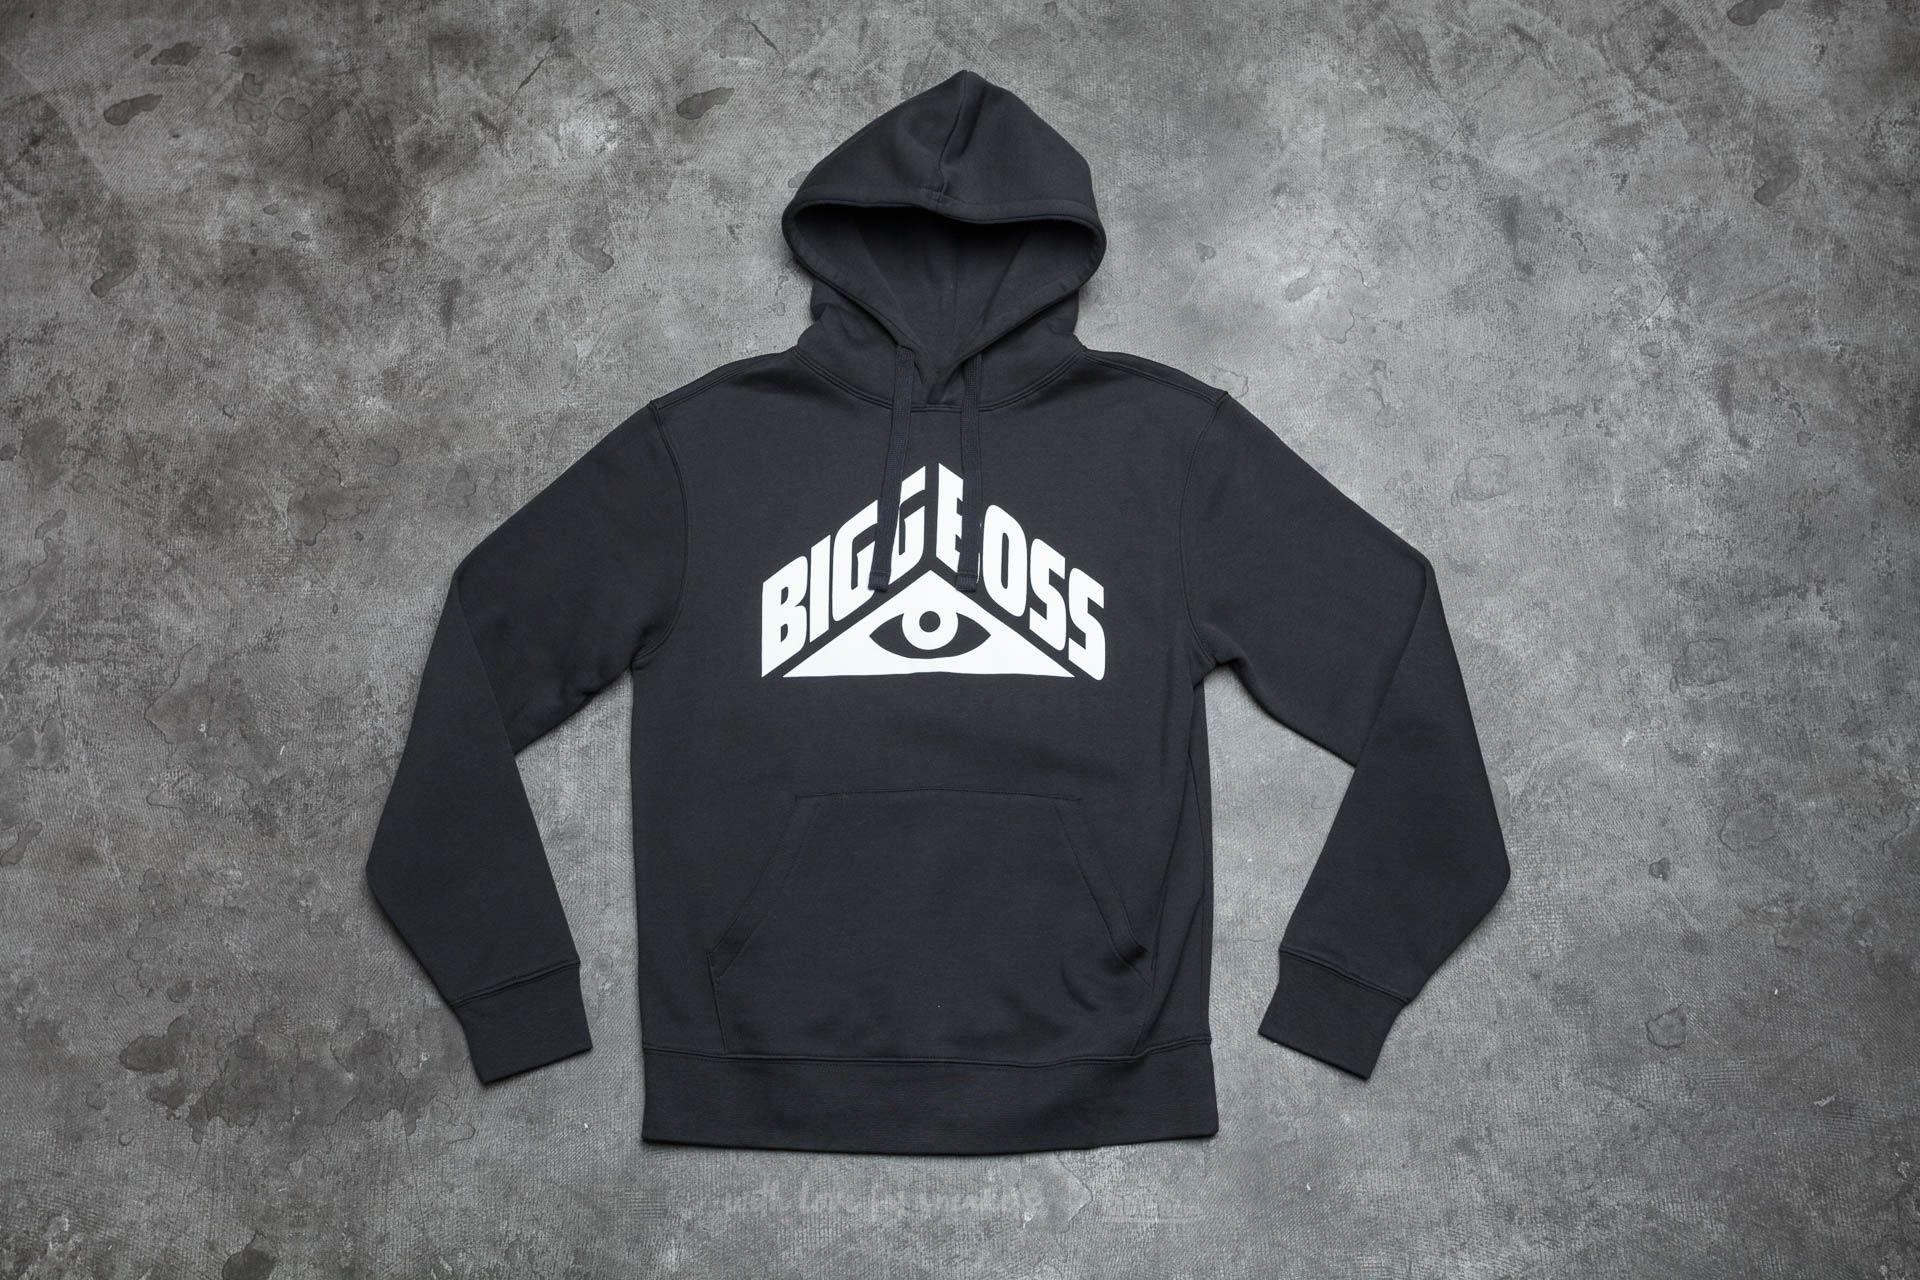 BIGG BOSS Eye Hoodie Black - 13581